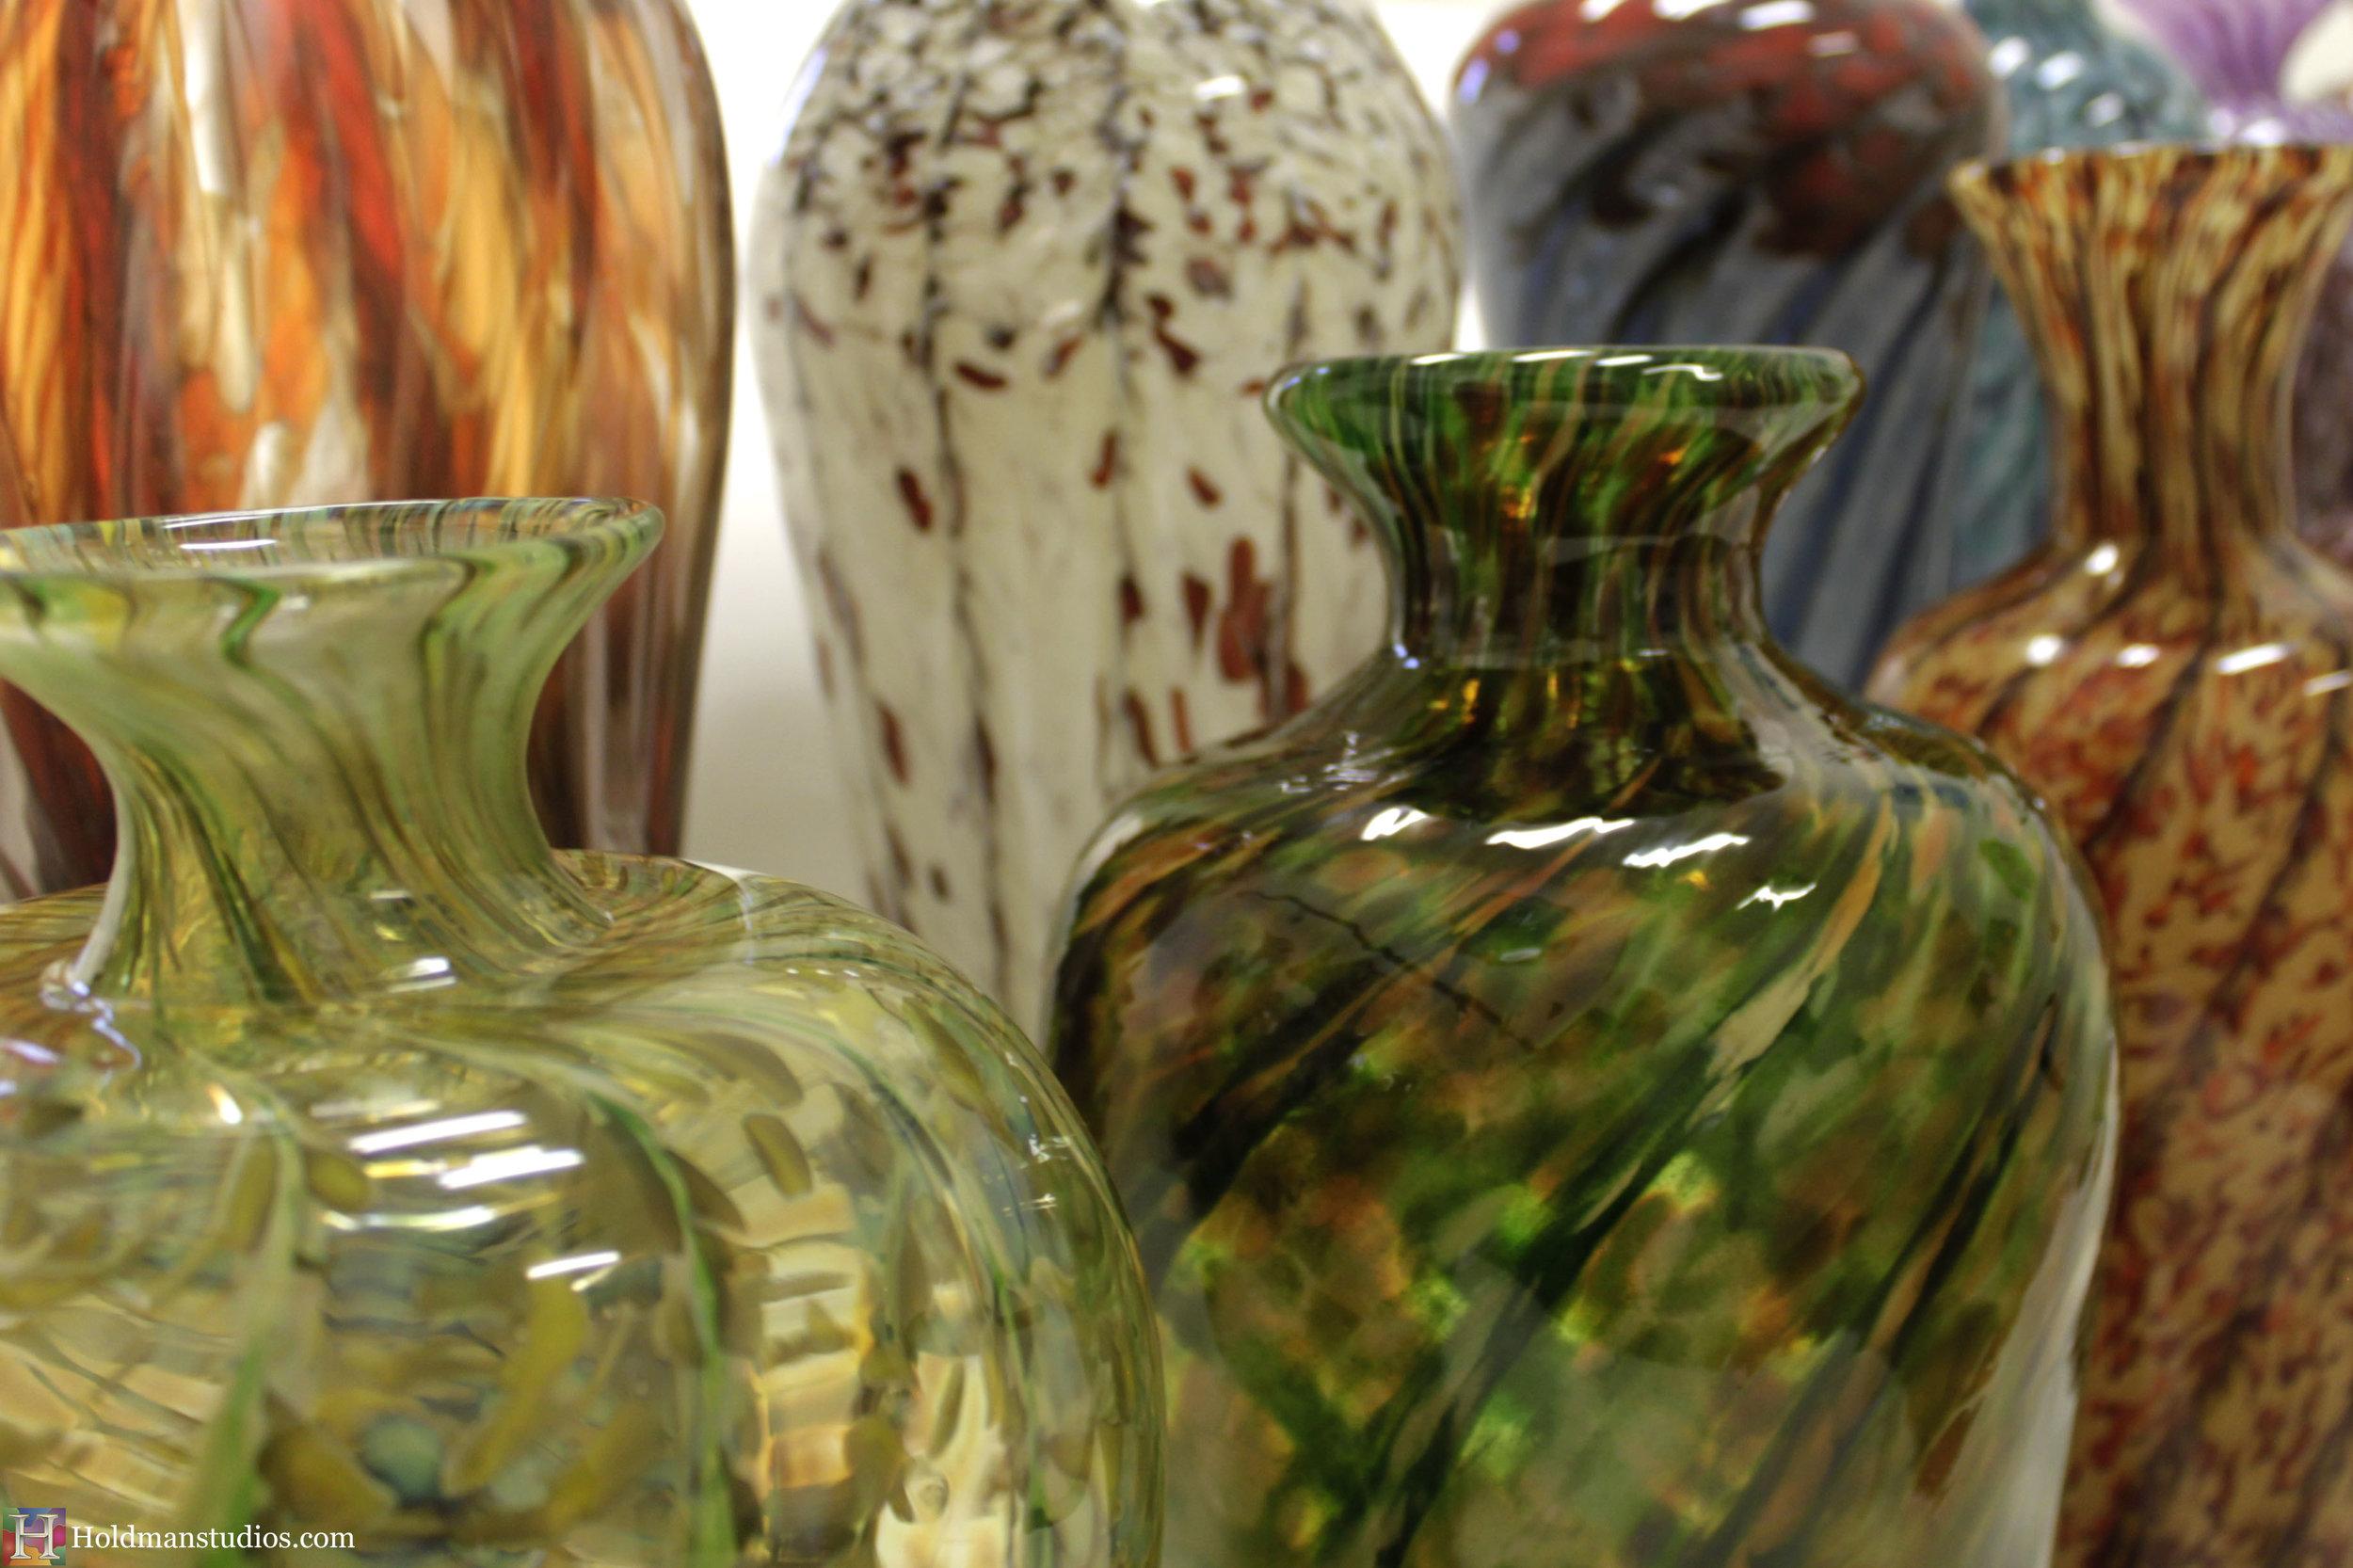 Holdman-studios-hand-blown-glass-vases-edge-homes.jpg